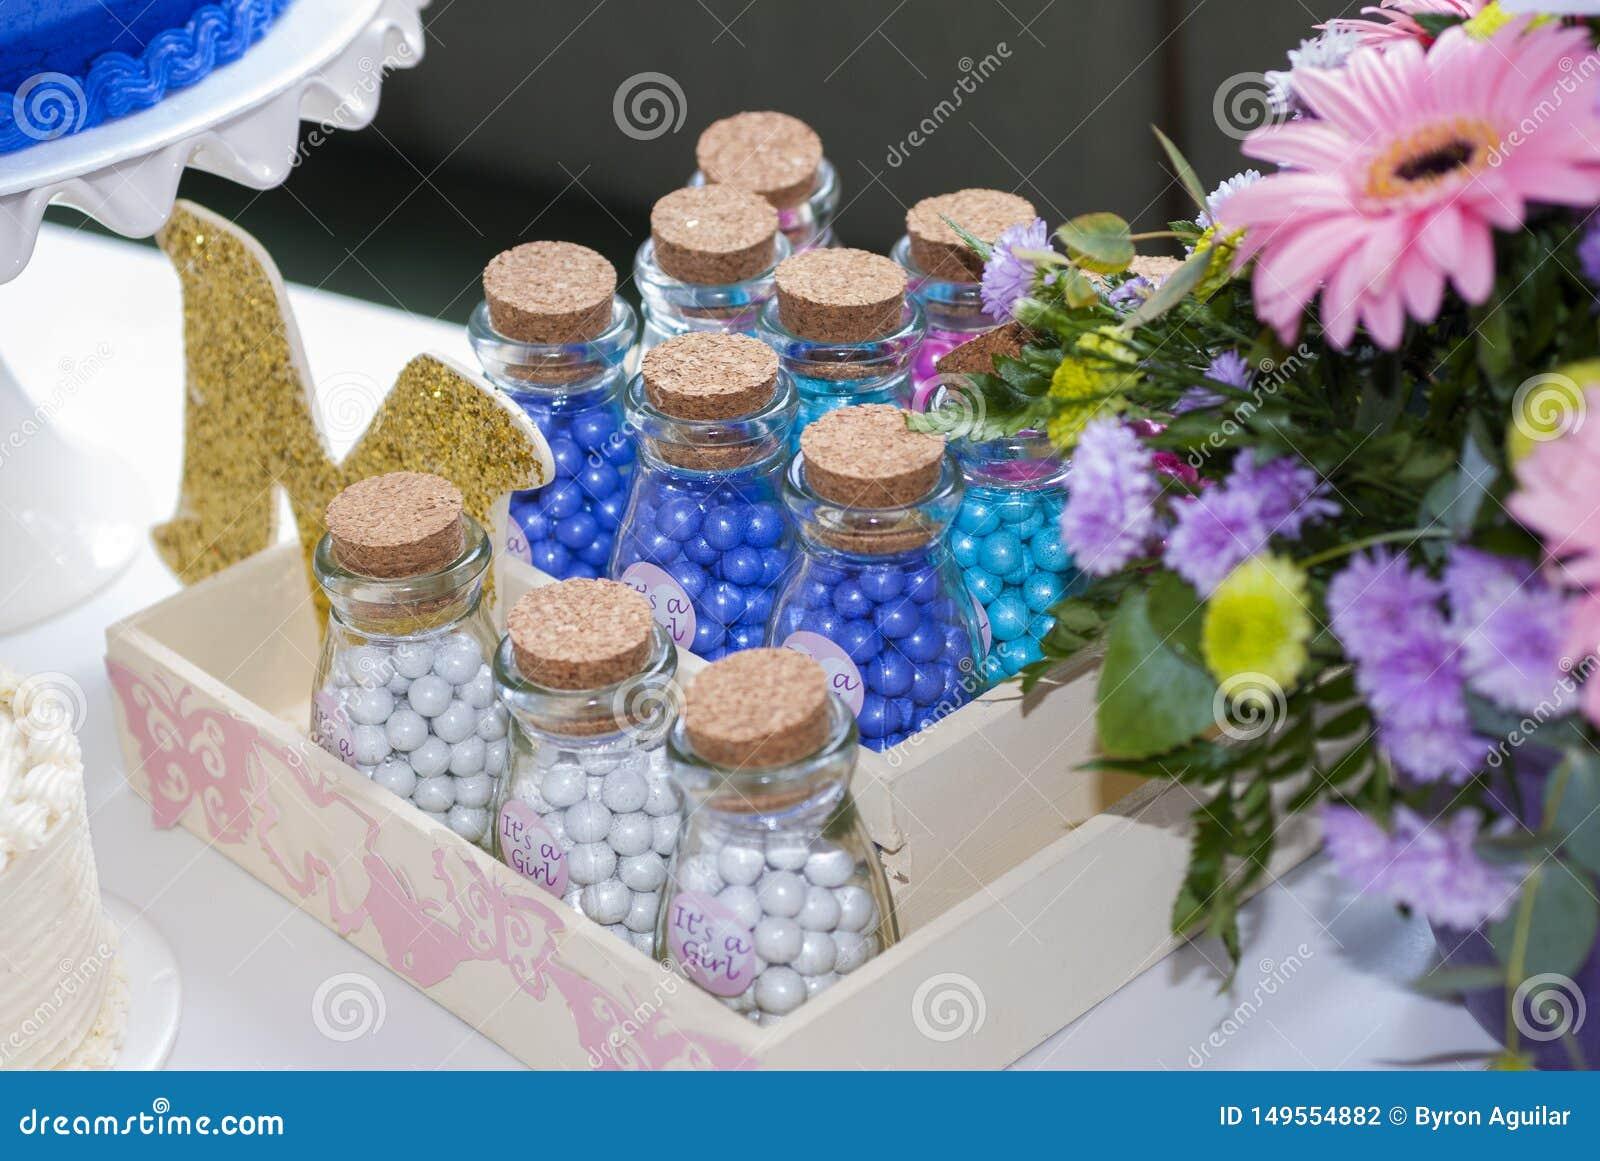 Dettaglio del partito dei bambini della pasticceria, delizia del dolce e spuntini, dessert dolci al partito dei bambini